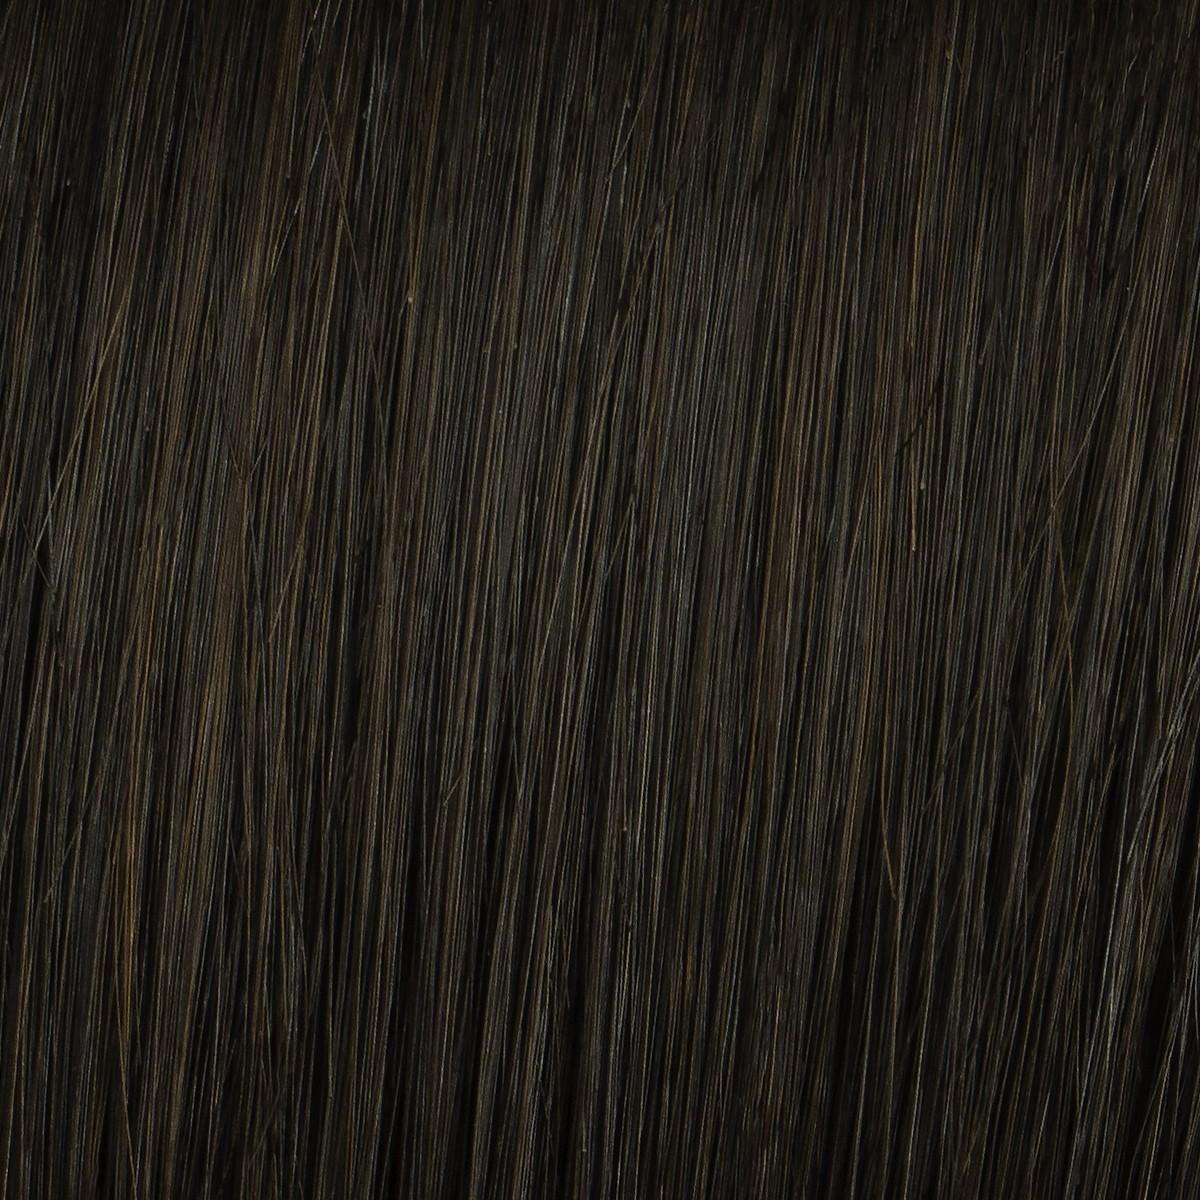 R3HH Dark Brown Human Hair